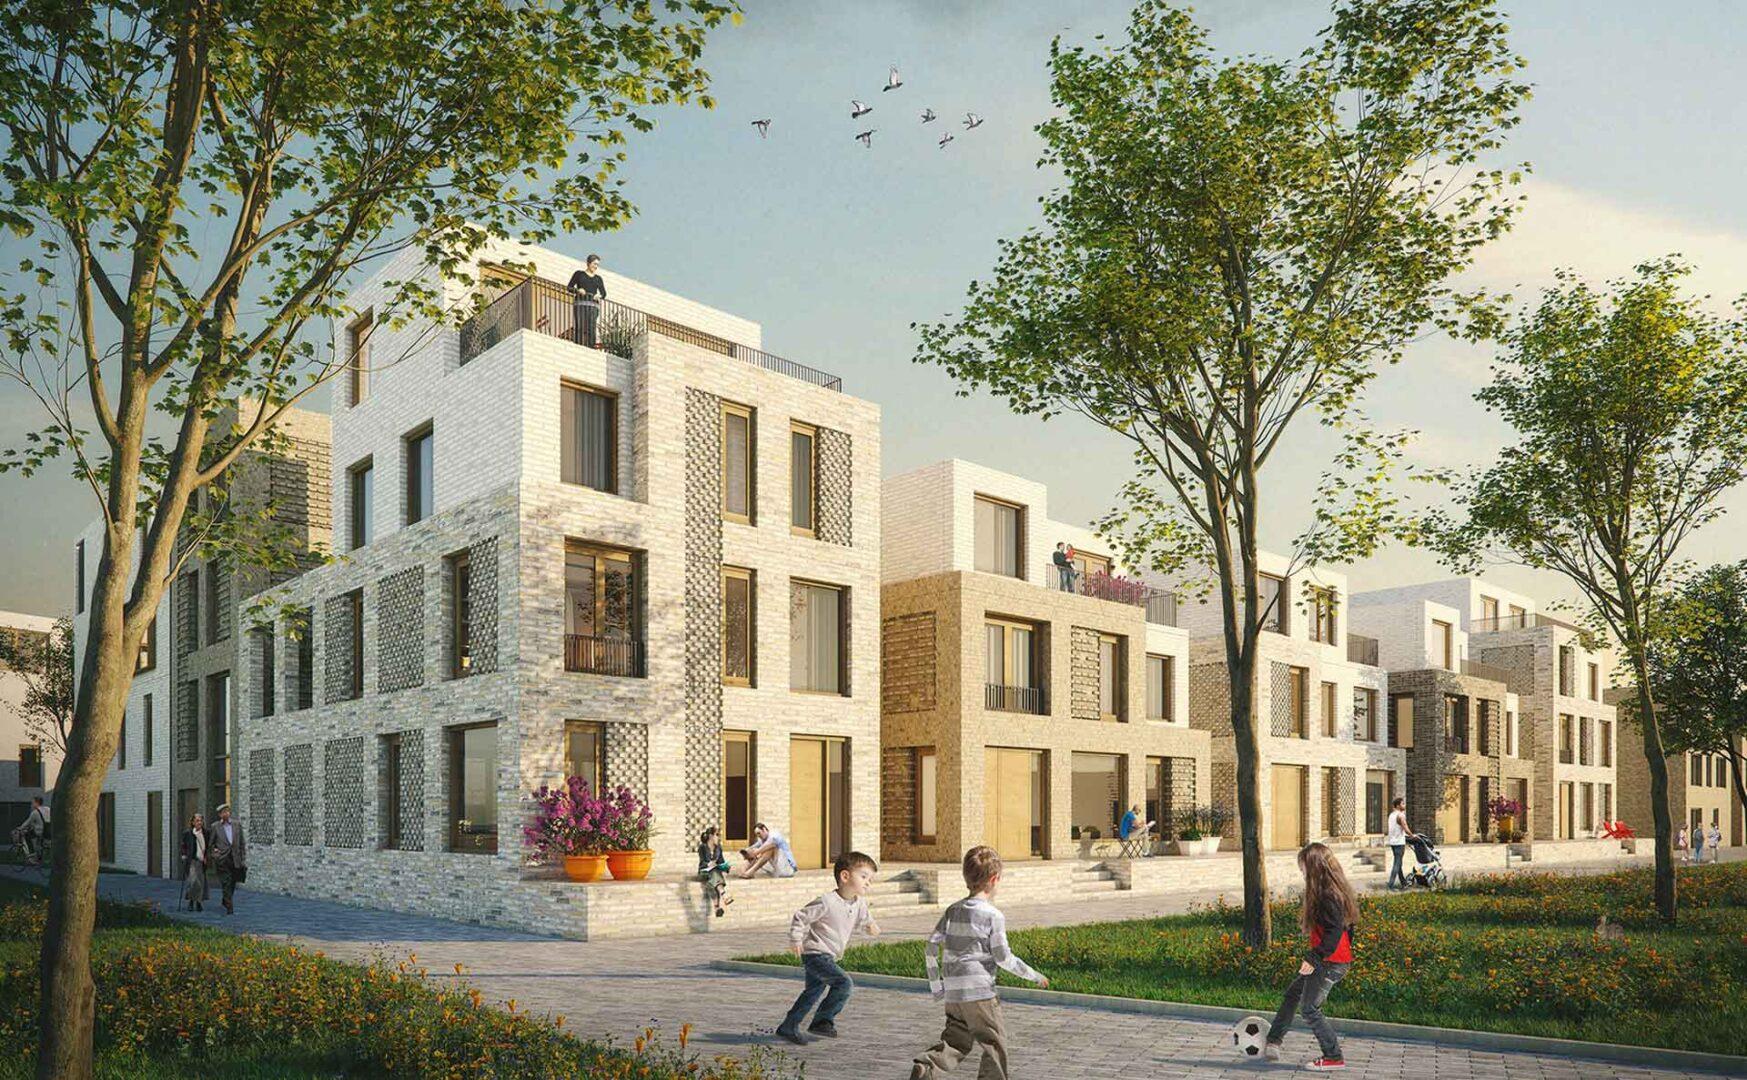 Jannink Courtyard - Impressie Vrijstaande Woningen - yoreM - werk